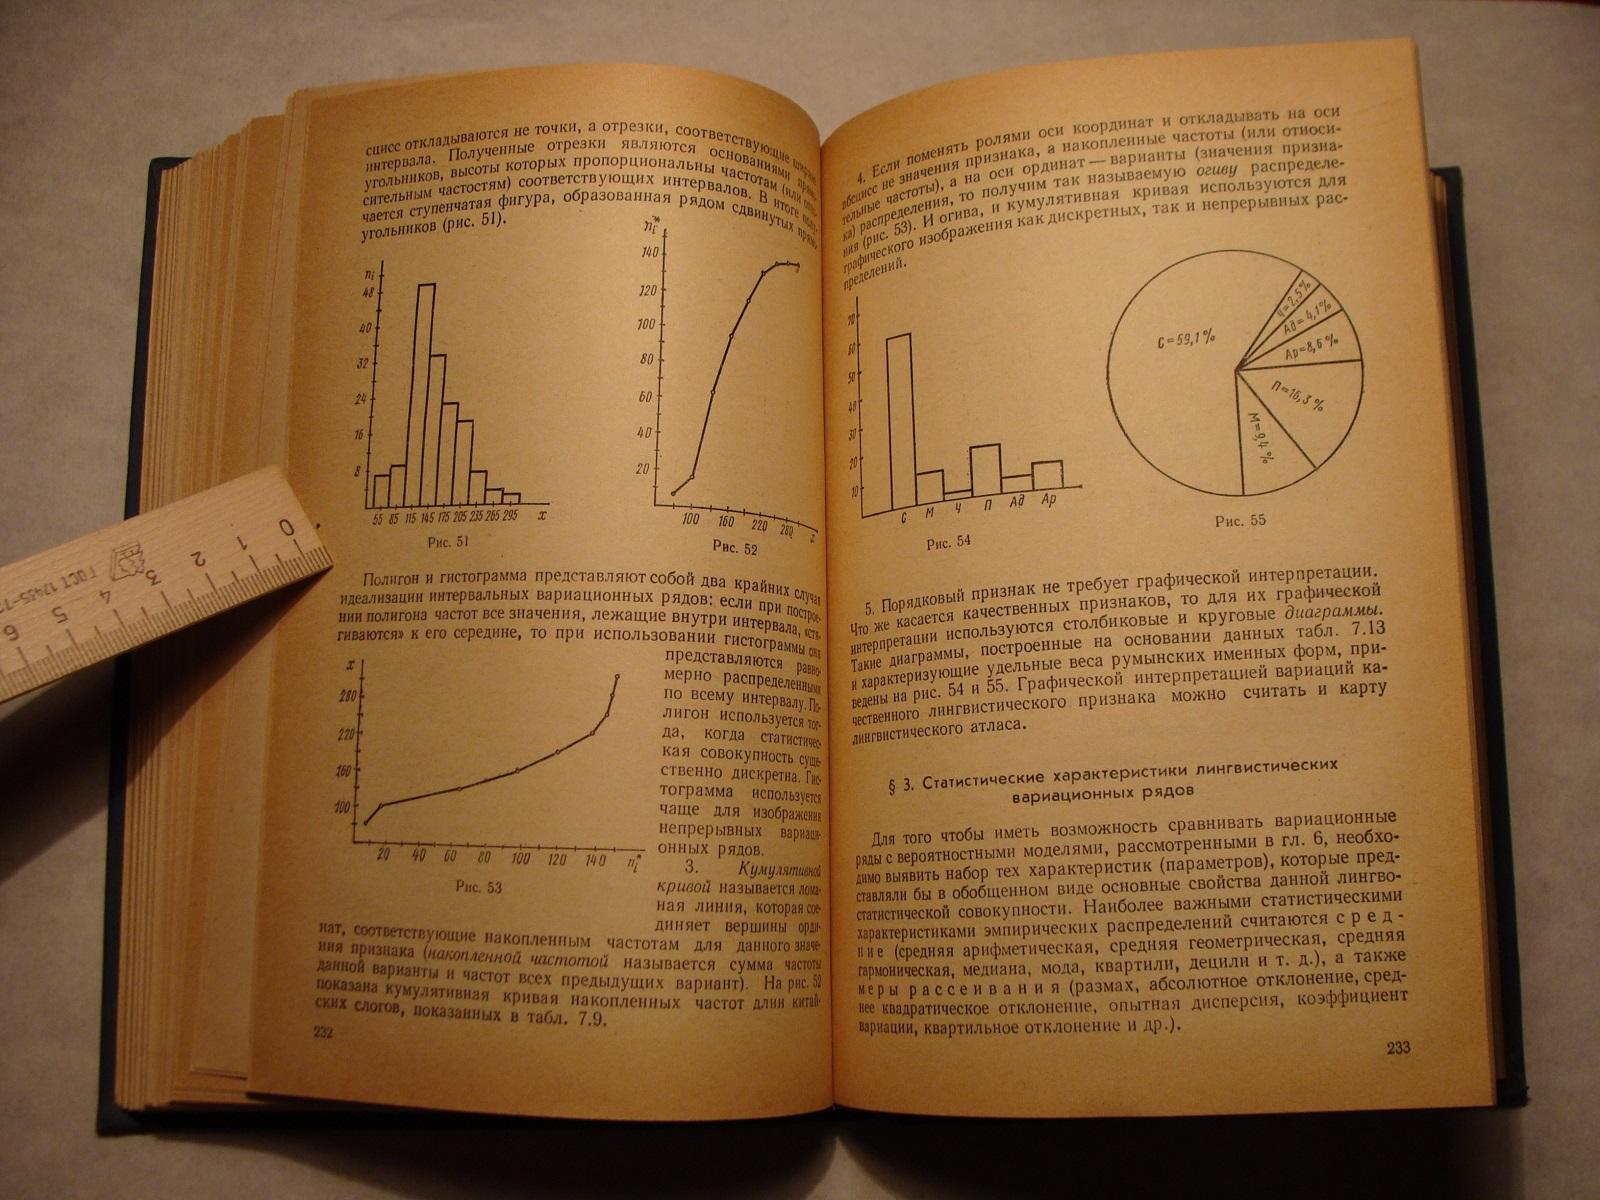 圣彼得堡国立大学本科专业《应用、计算与数学语言学(英文授课)》详细介绍!插图-小狮座俄罗斯留学